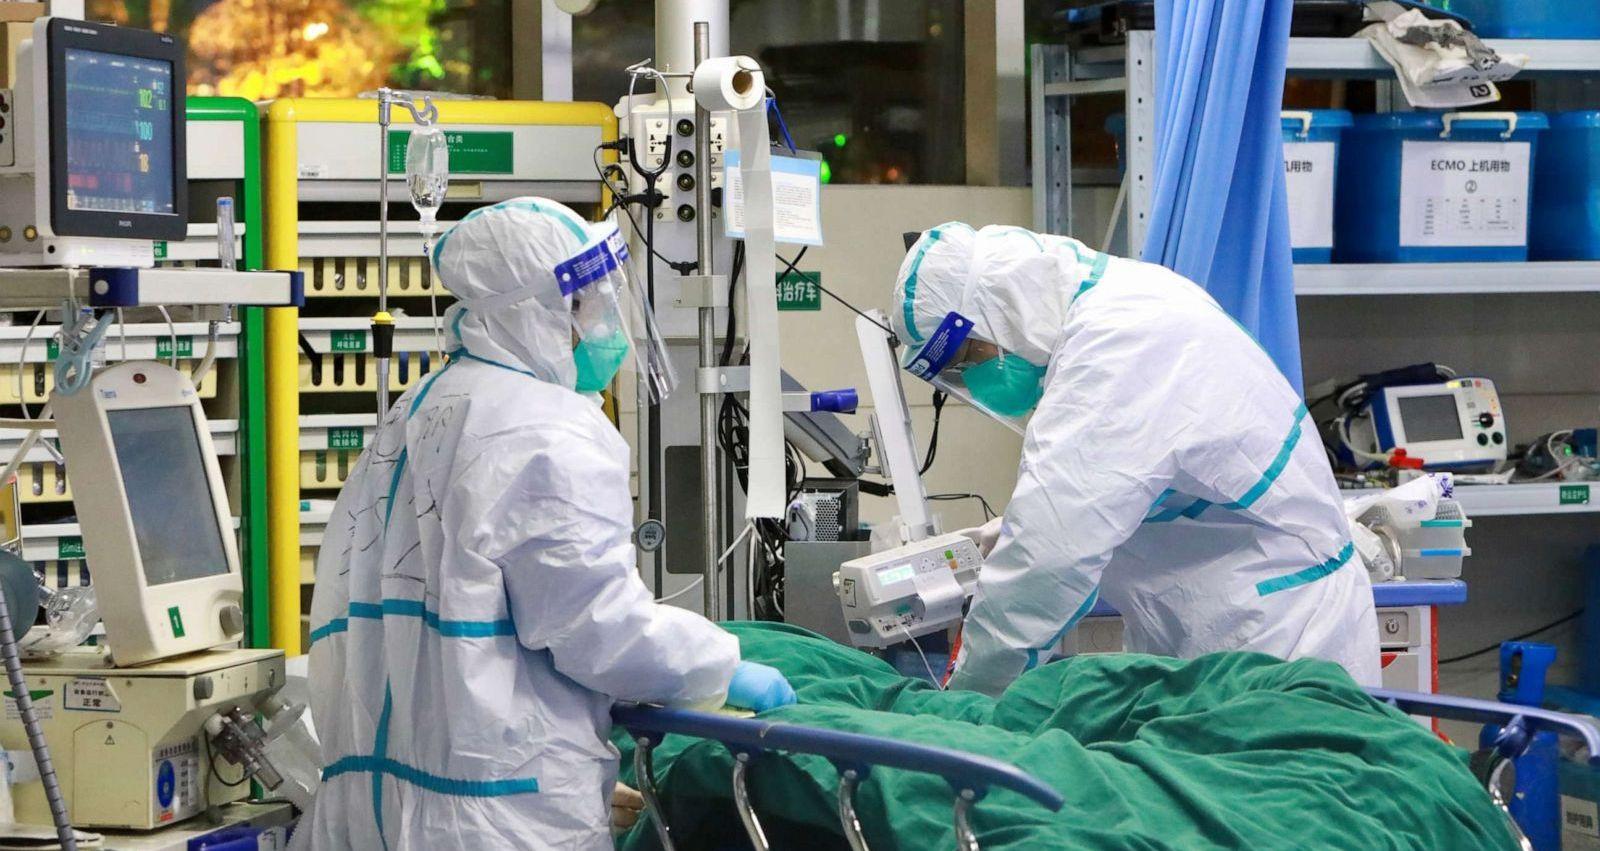 २४ घण्टामा २ हजार २३७ कोरोना संक्रमित थपिए, १८ को मृत्यु